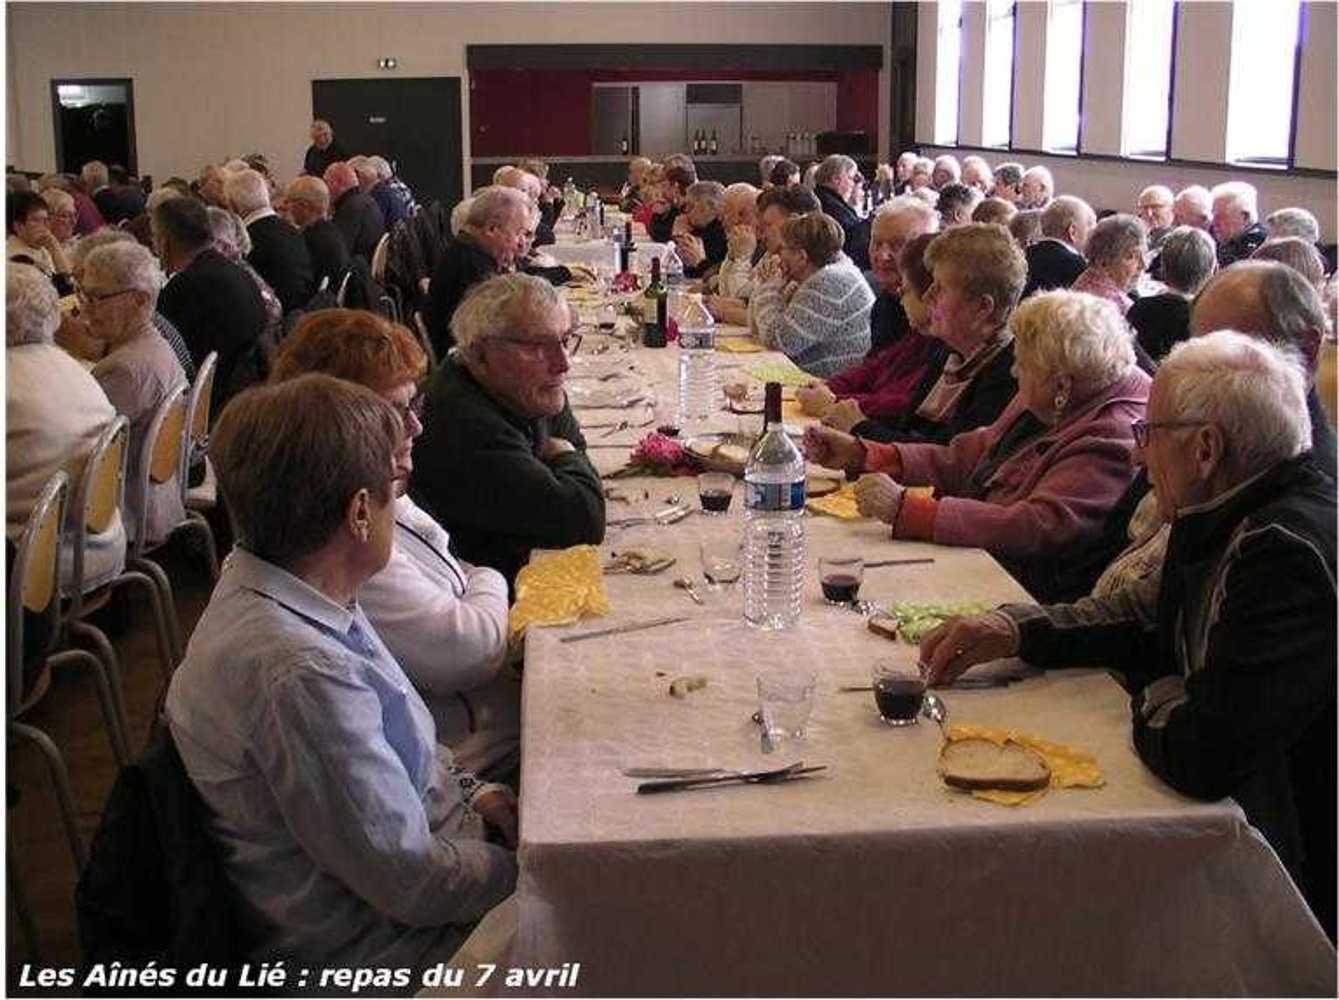 Les Aînés du Lié : photos du repas langue de boeuf image35